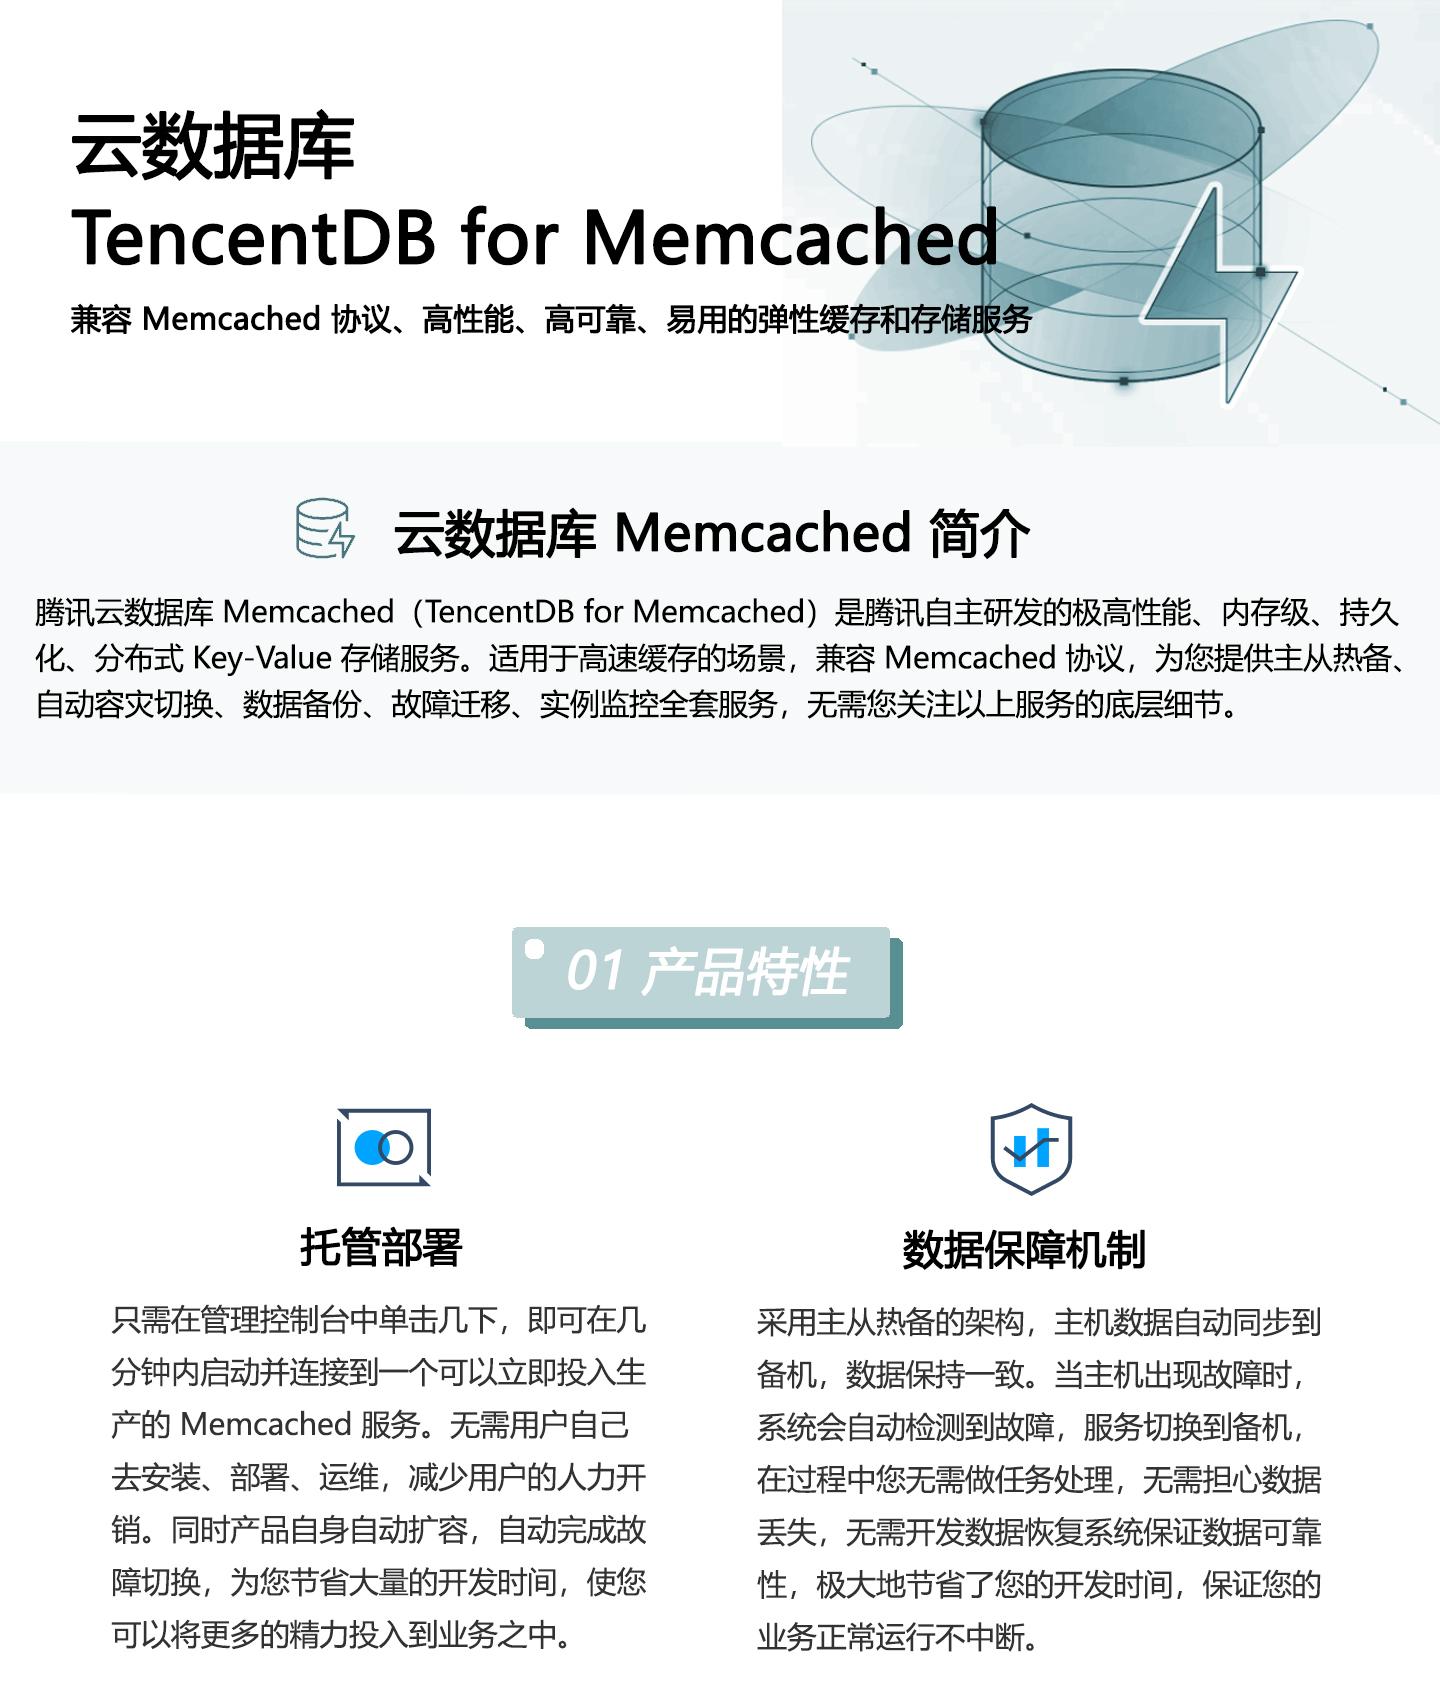 云数据库-TencentDB-for-Memcached1440_01.jpg